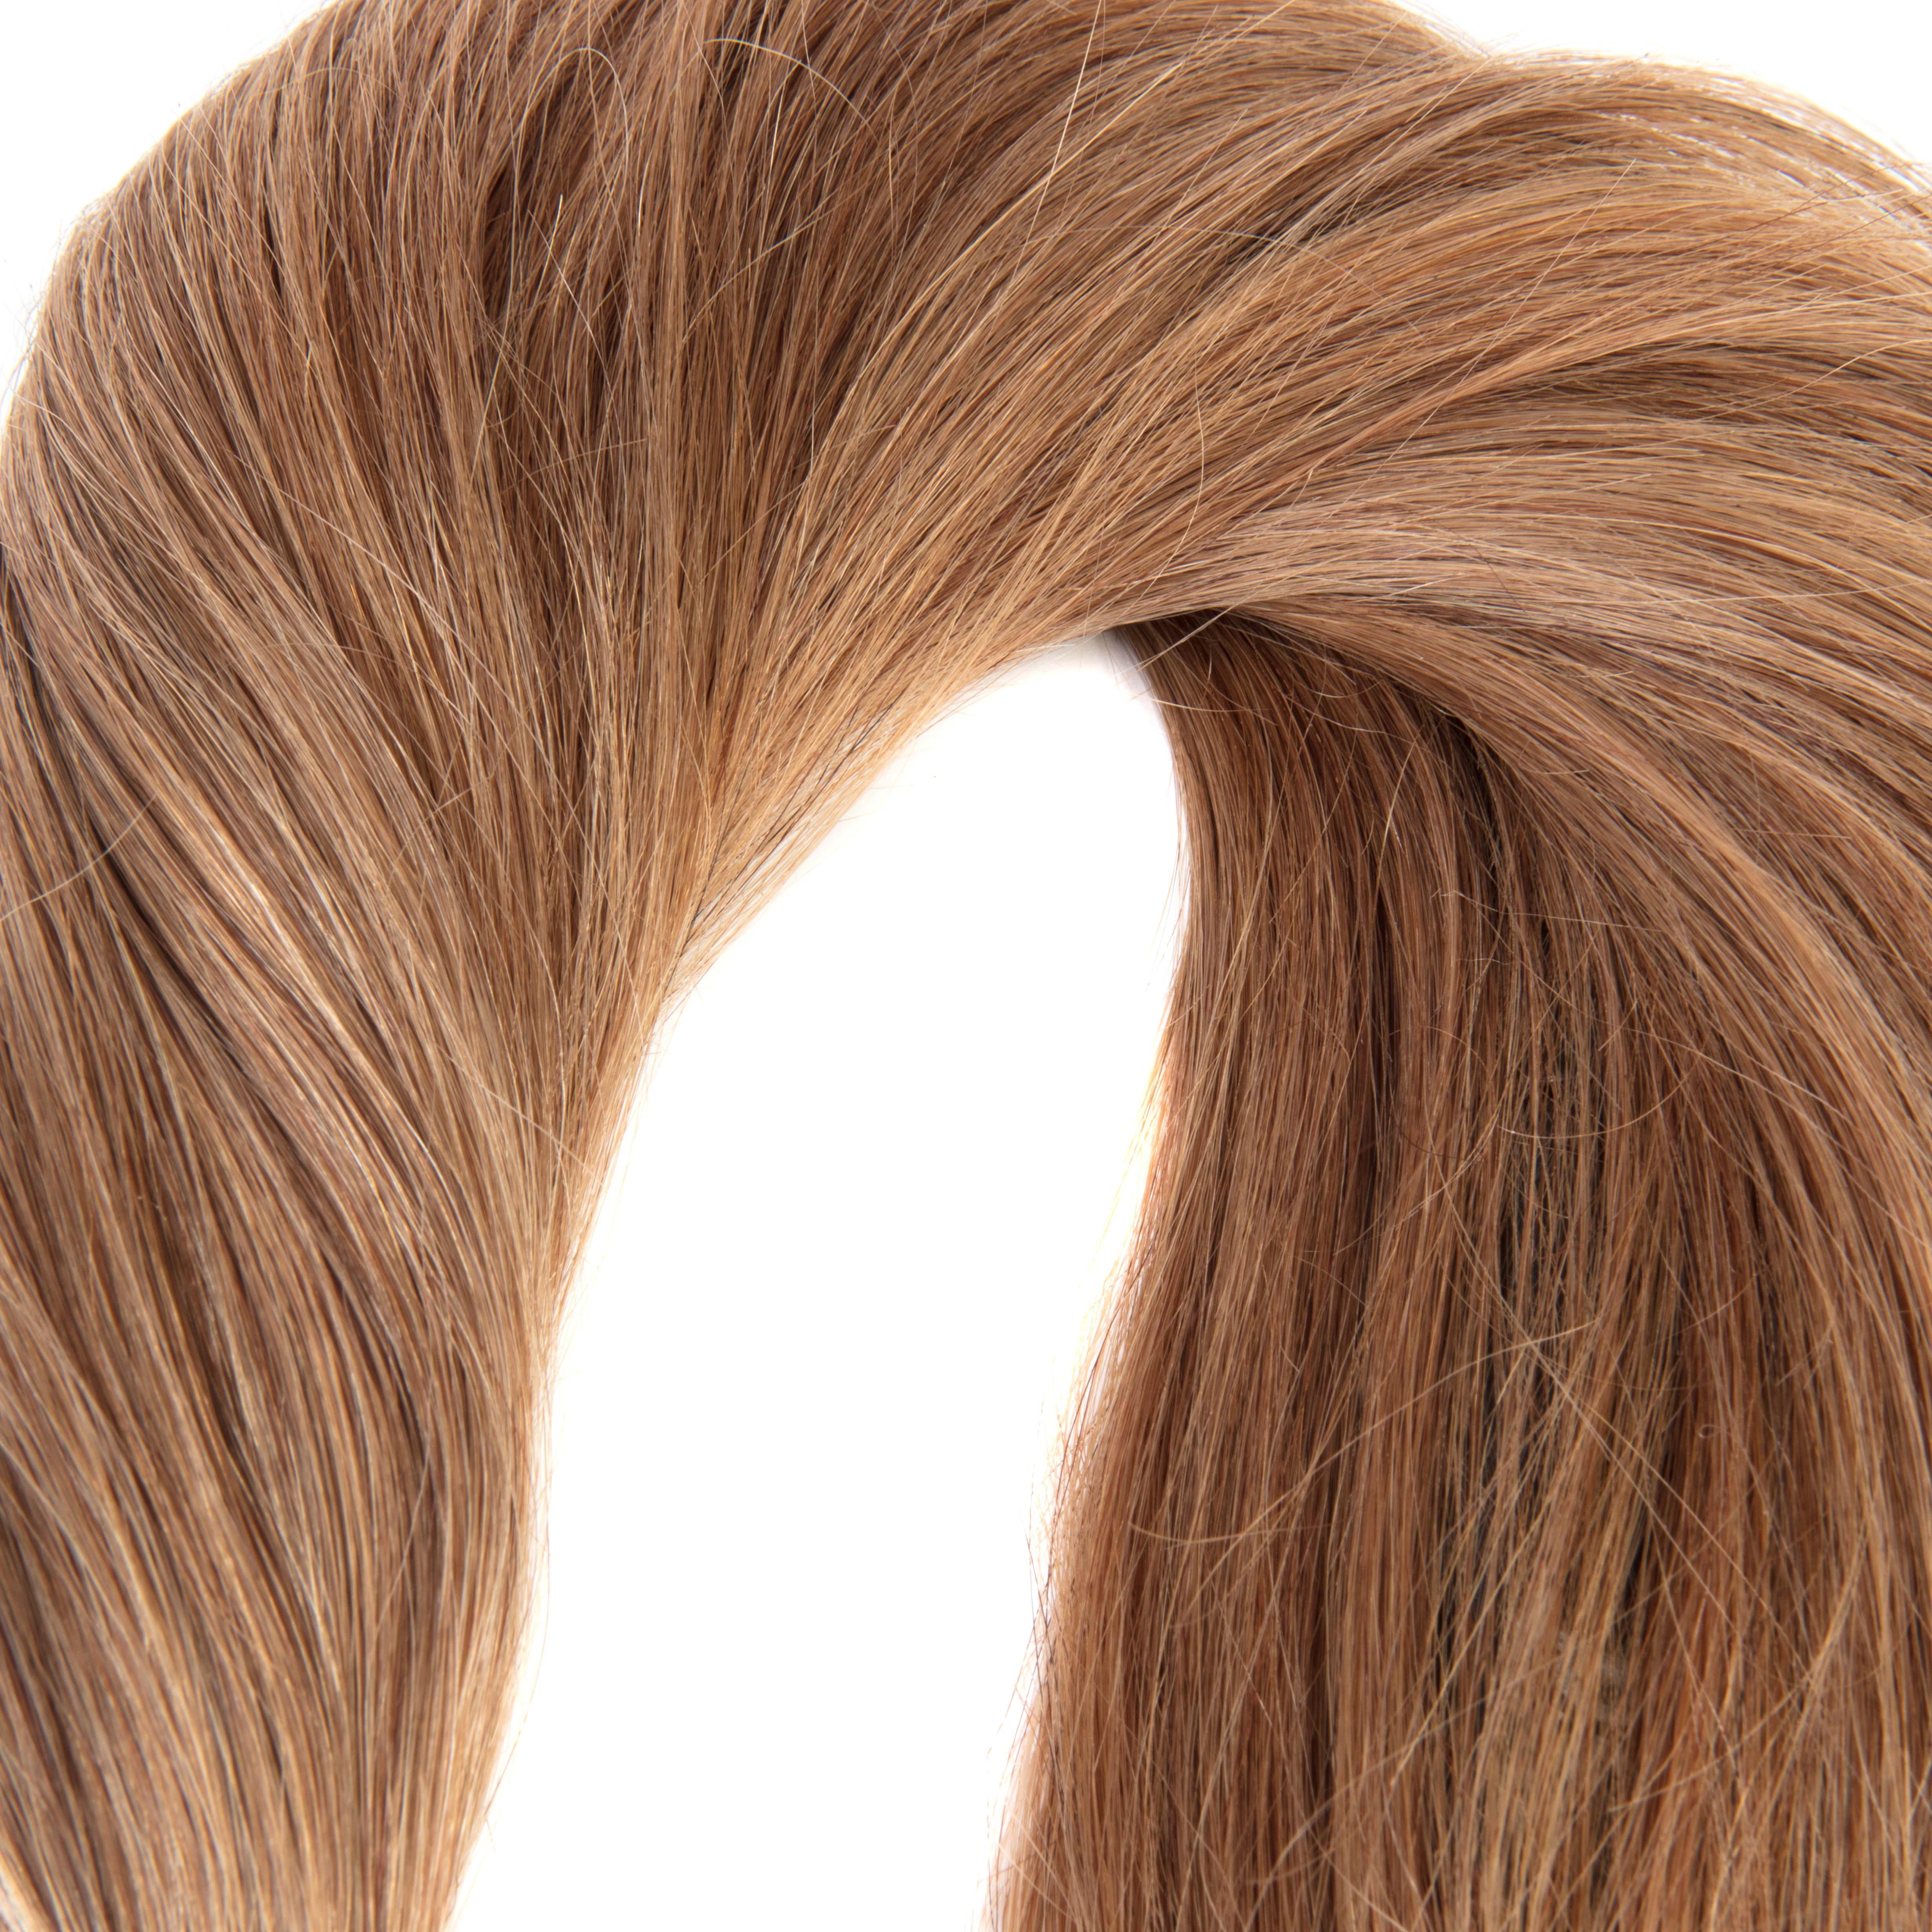 hairextensions productfotografie bestemd voor webshop kleur 12 Remy